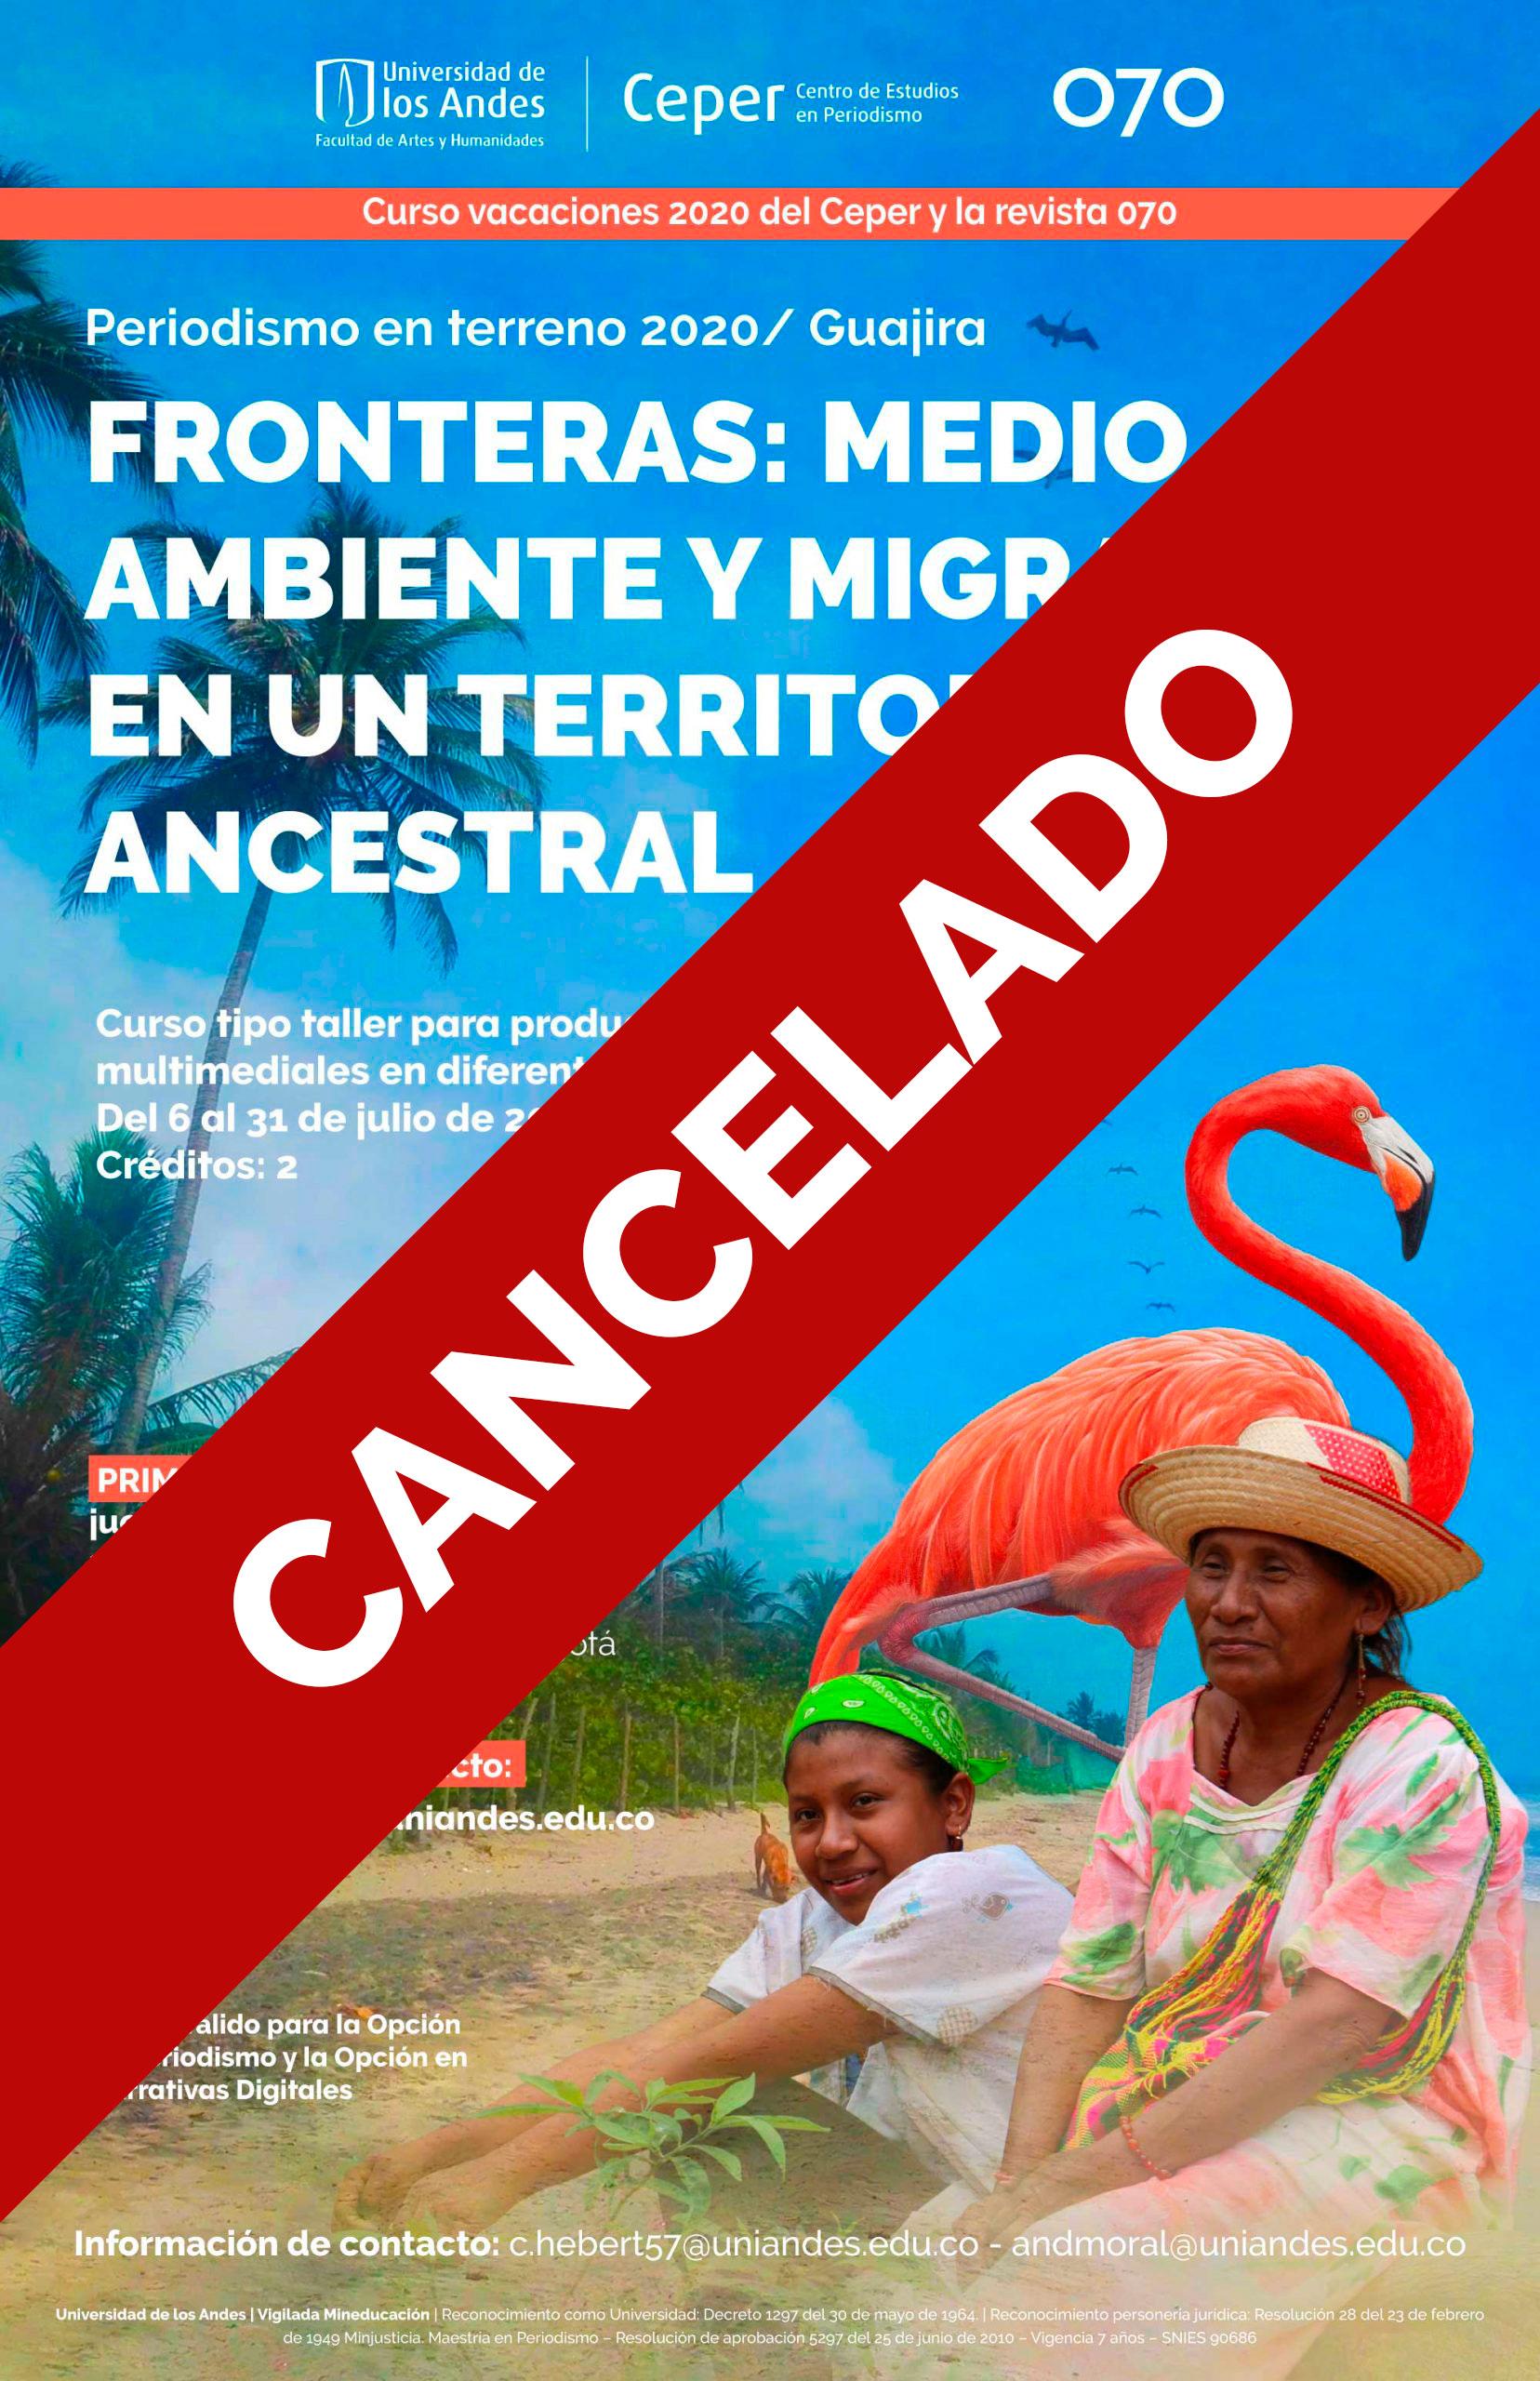 Cancelado: Periodismo en terreno 2020/Guajira: Fronteras: medio ambiente y migración en un territorio ancestral